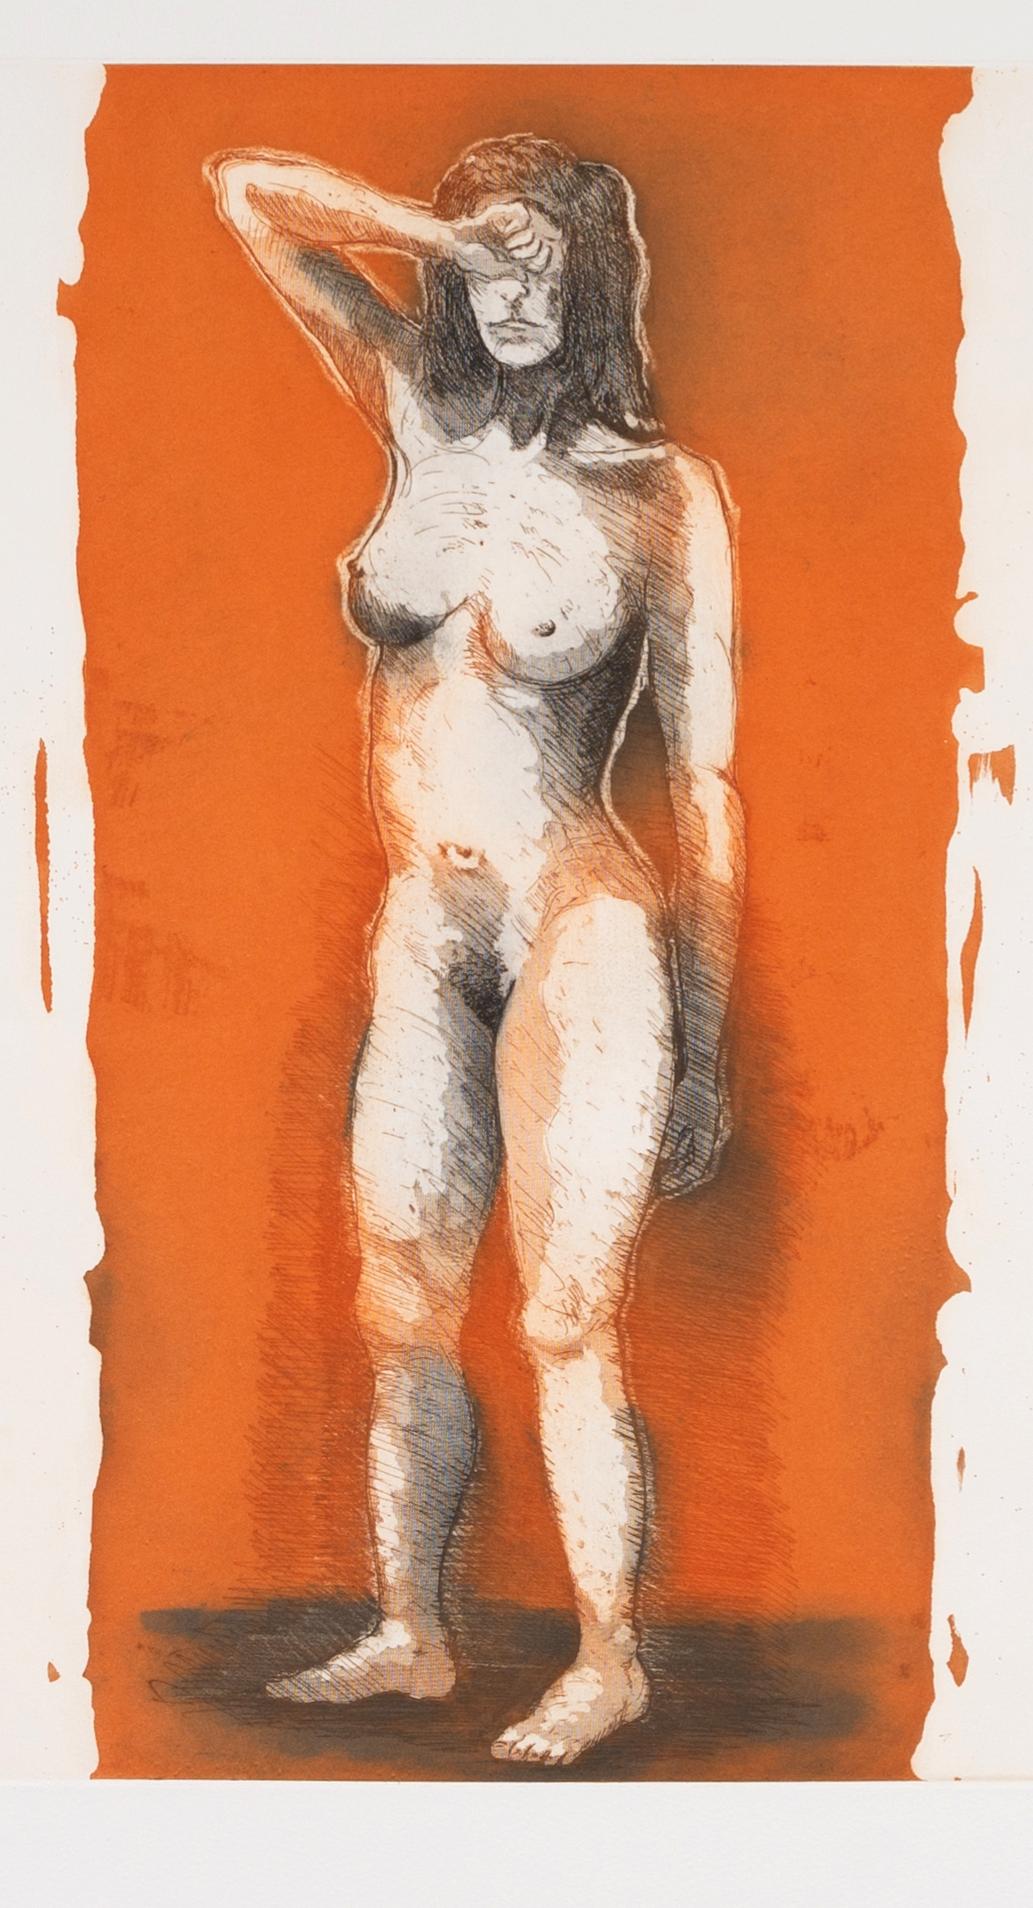 No Title, 2005